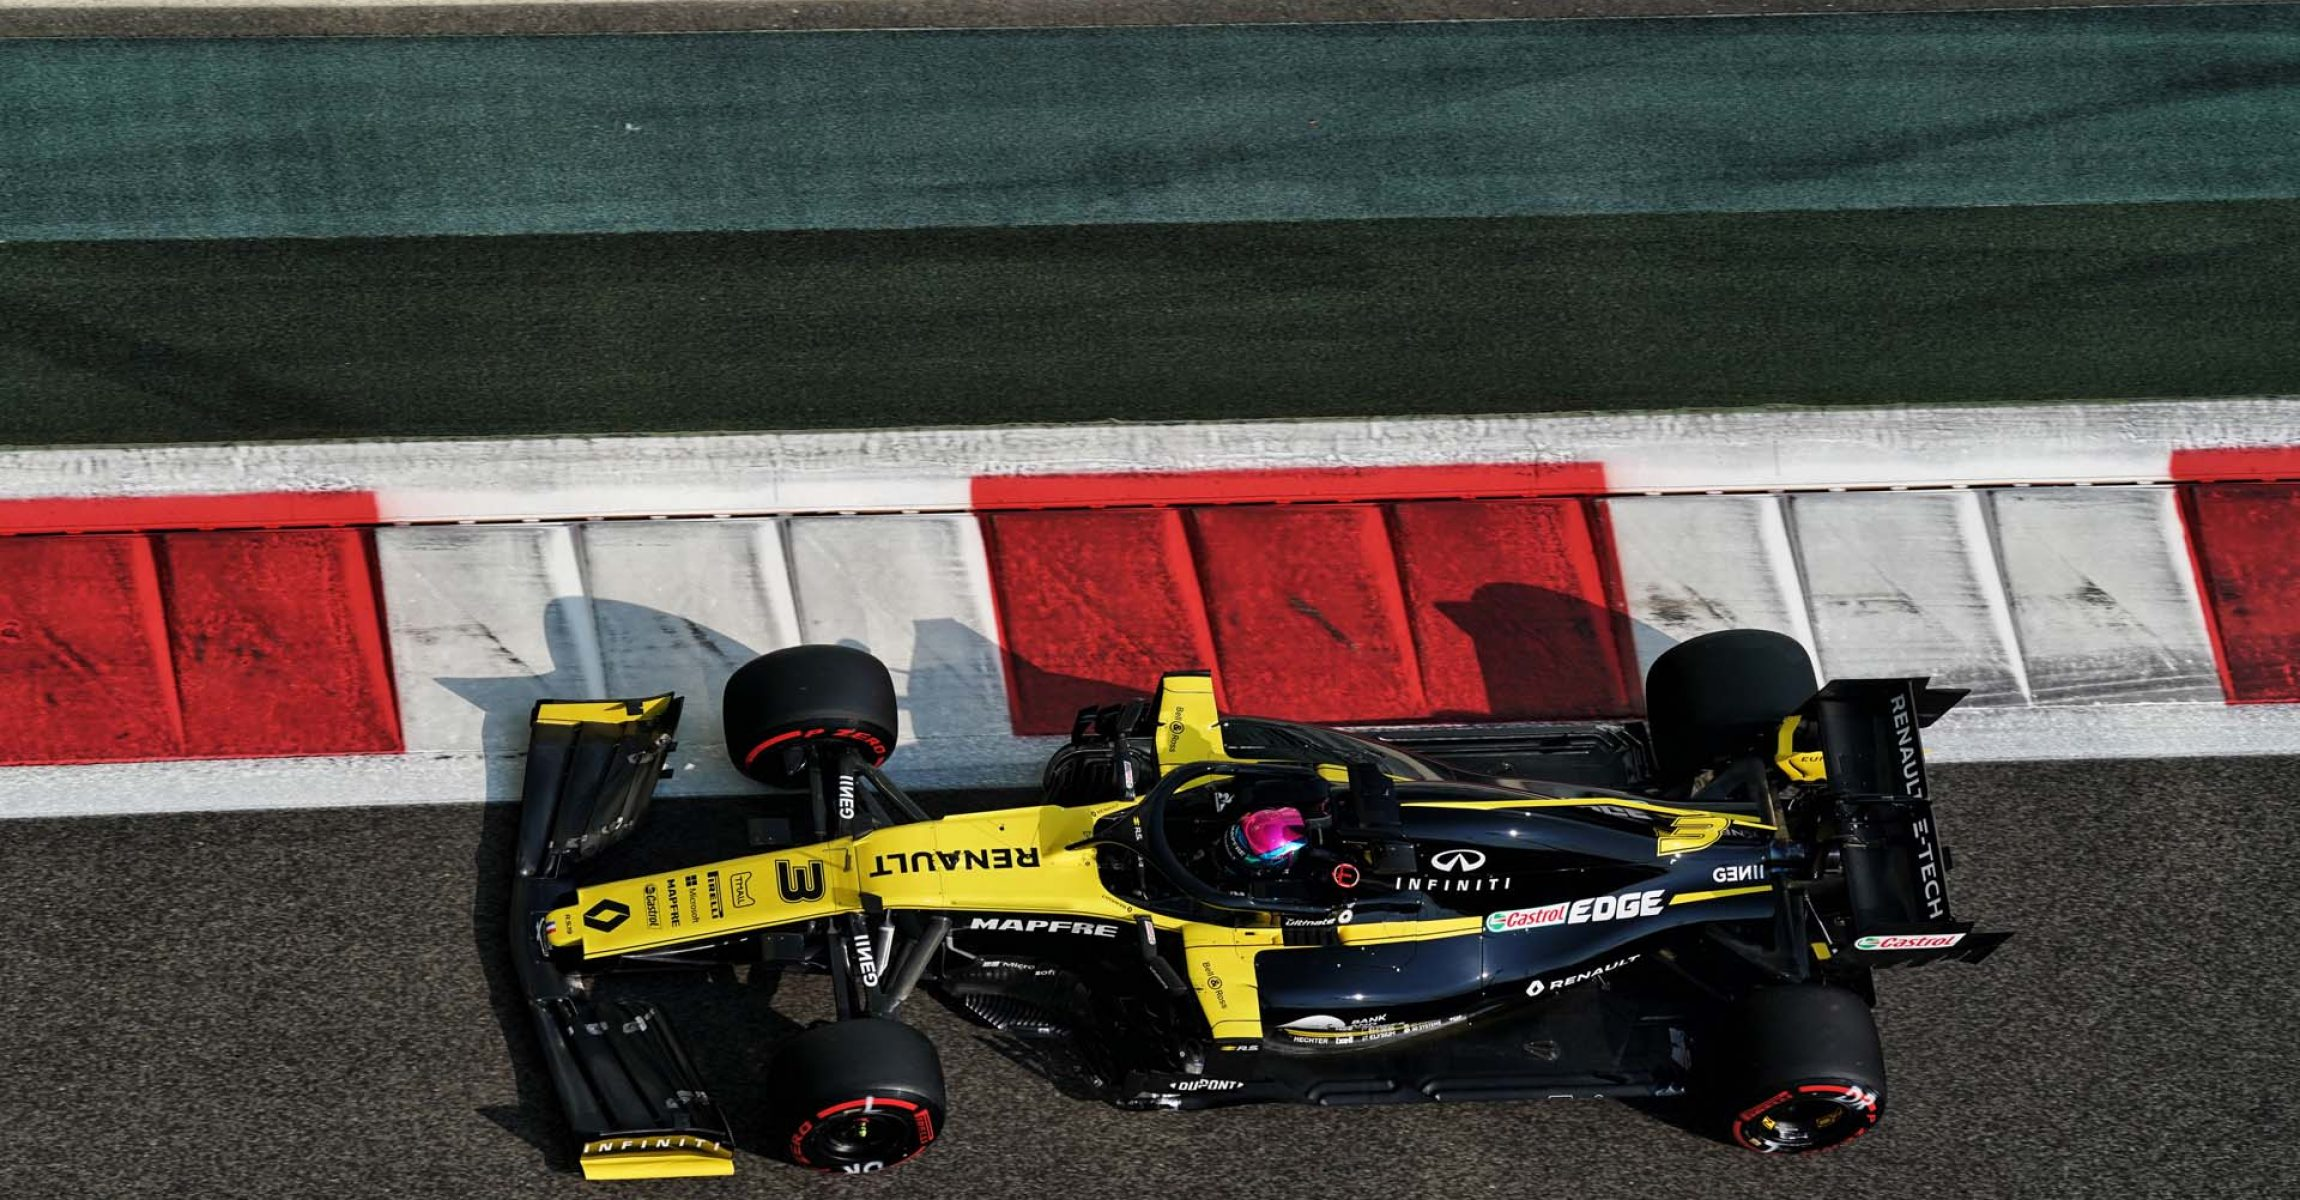 Daniel Ricciardo (AUS) Renault F1 Team RS19. Abu Dhabi Grand Prix, Saturday 30th November 2019. Yas Marina Circuit, Abu Dhabi, UAE.